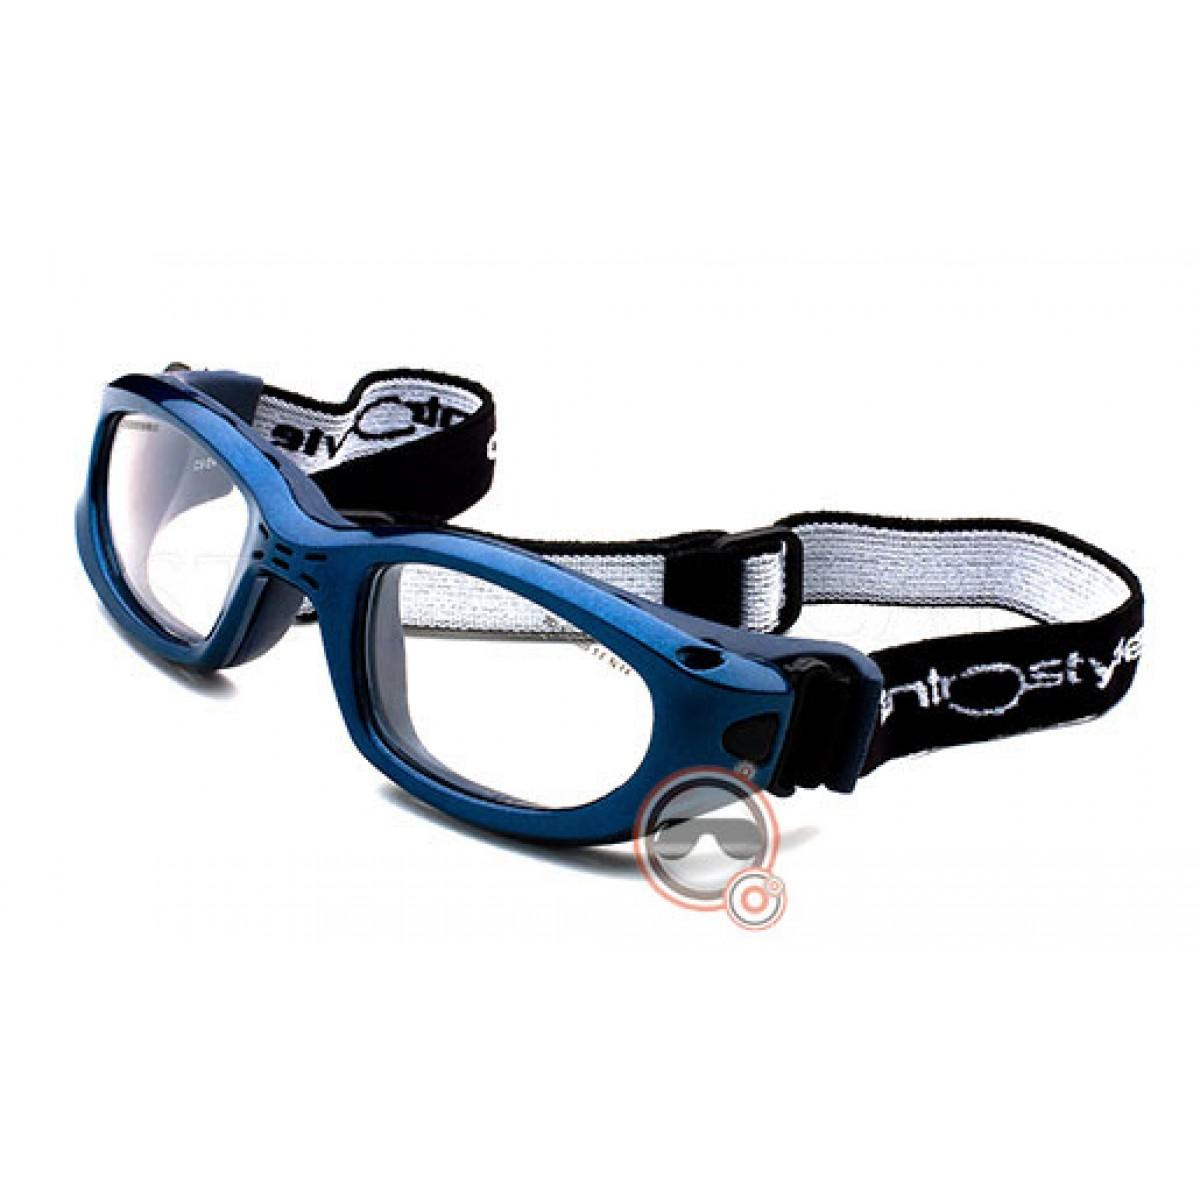 e7a4d5cfc0dc9 Óculos Centro Style + Ventilação Anti Embaçante (Adulto e Infantil)